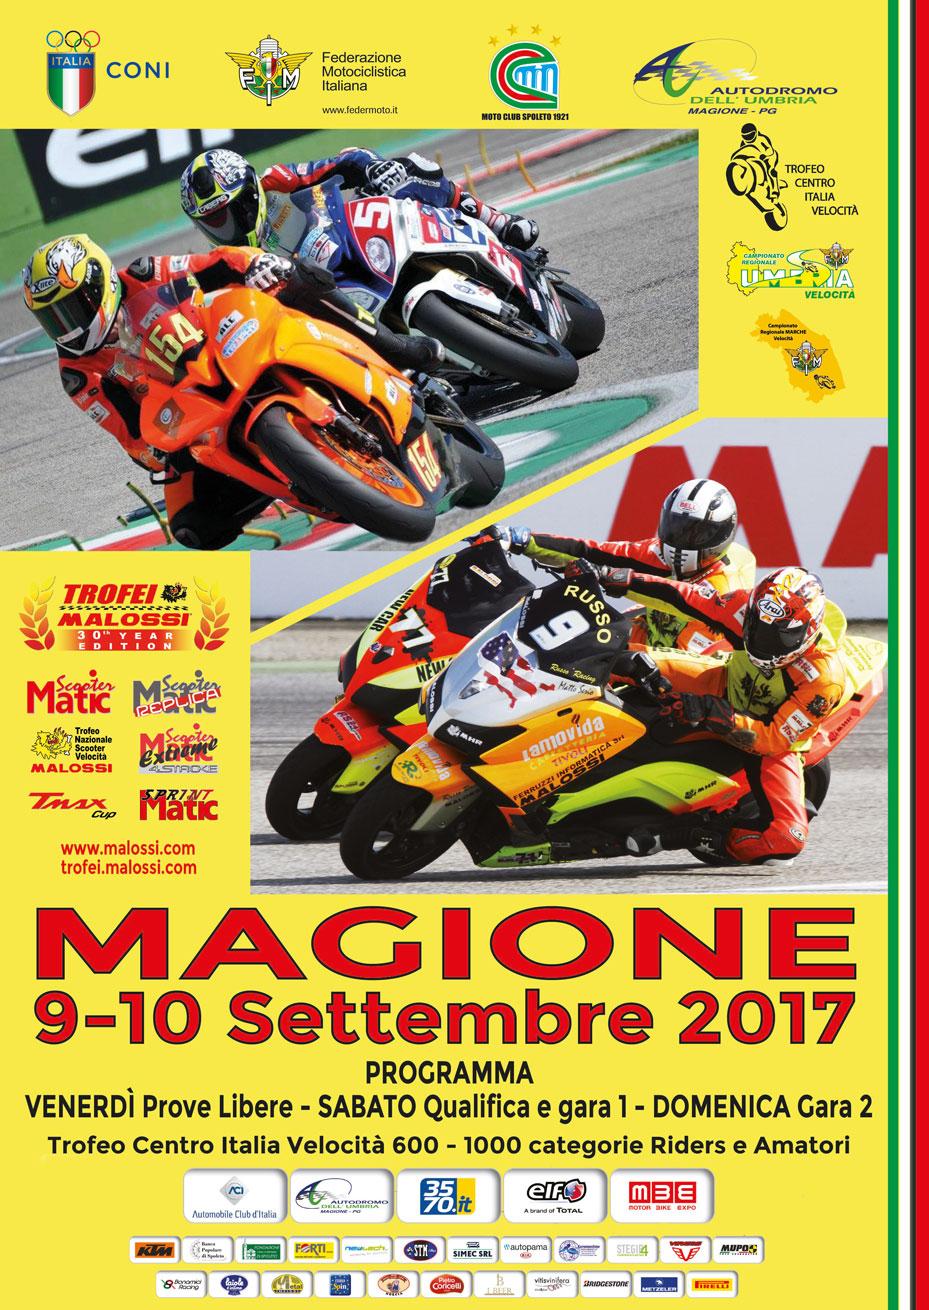 Locandina-Magione-settembre-2017